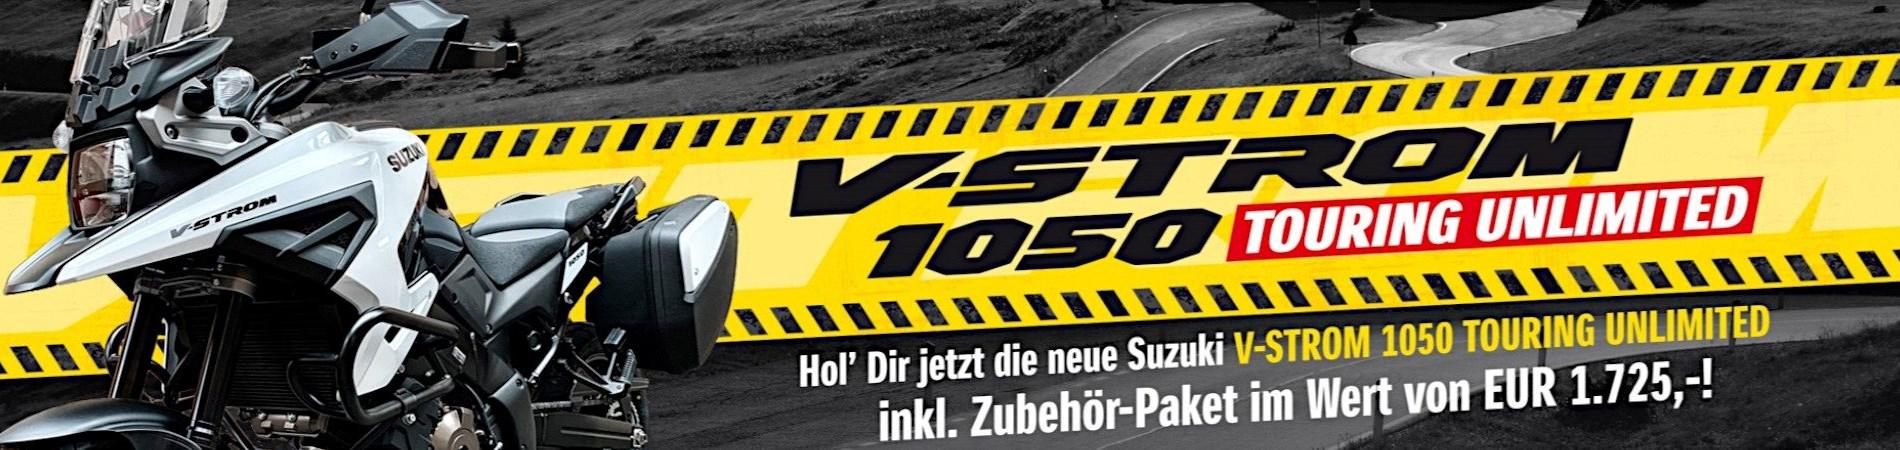 Jetzt inklusive Zubehör-Paket im Wert von EUR 1.725,-!